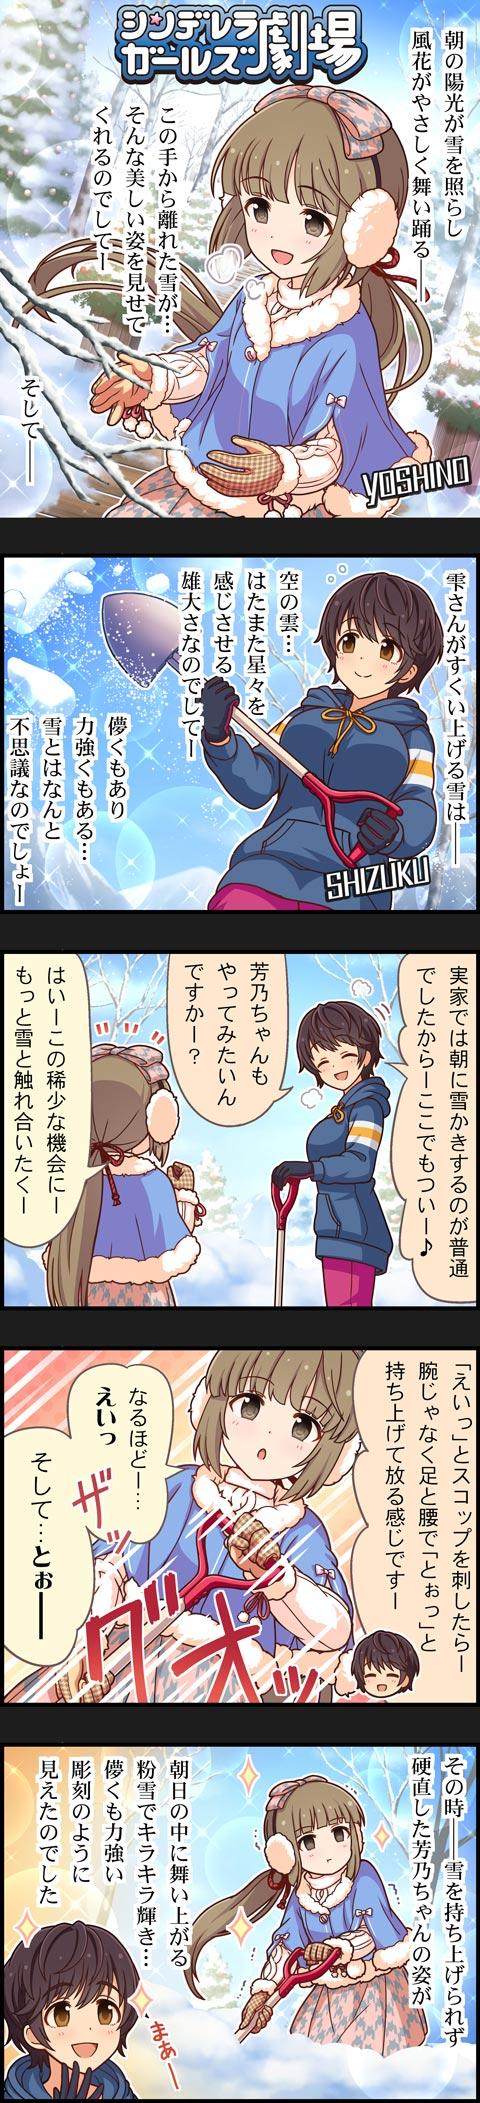 依田芳乃 及川雫r9Hral3